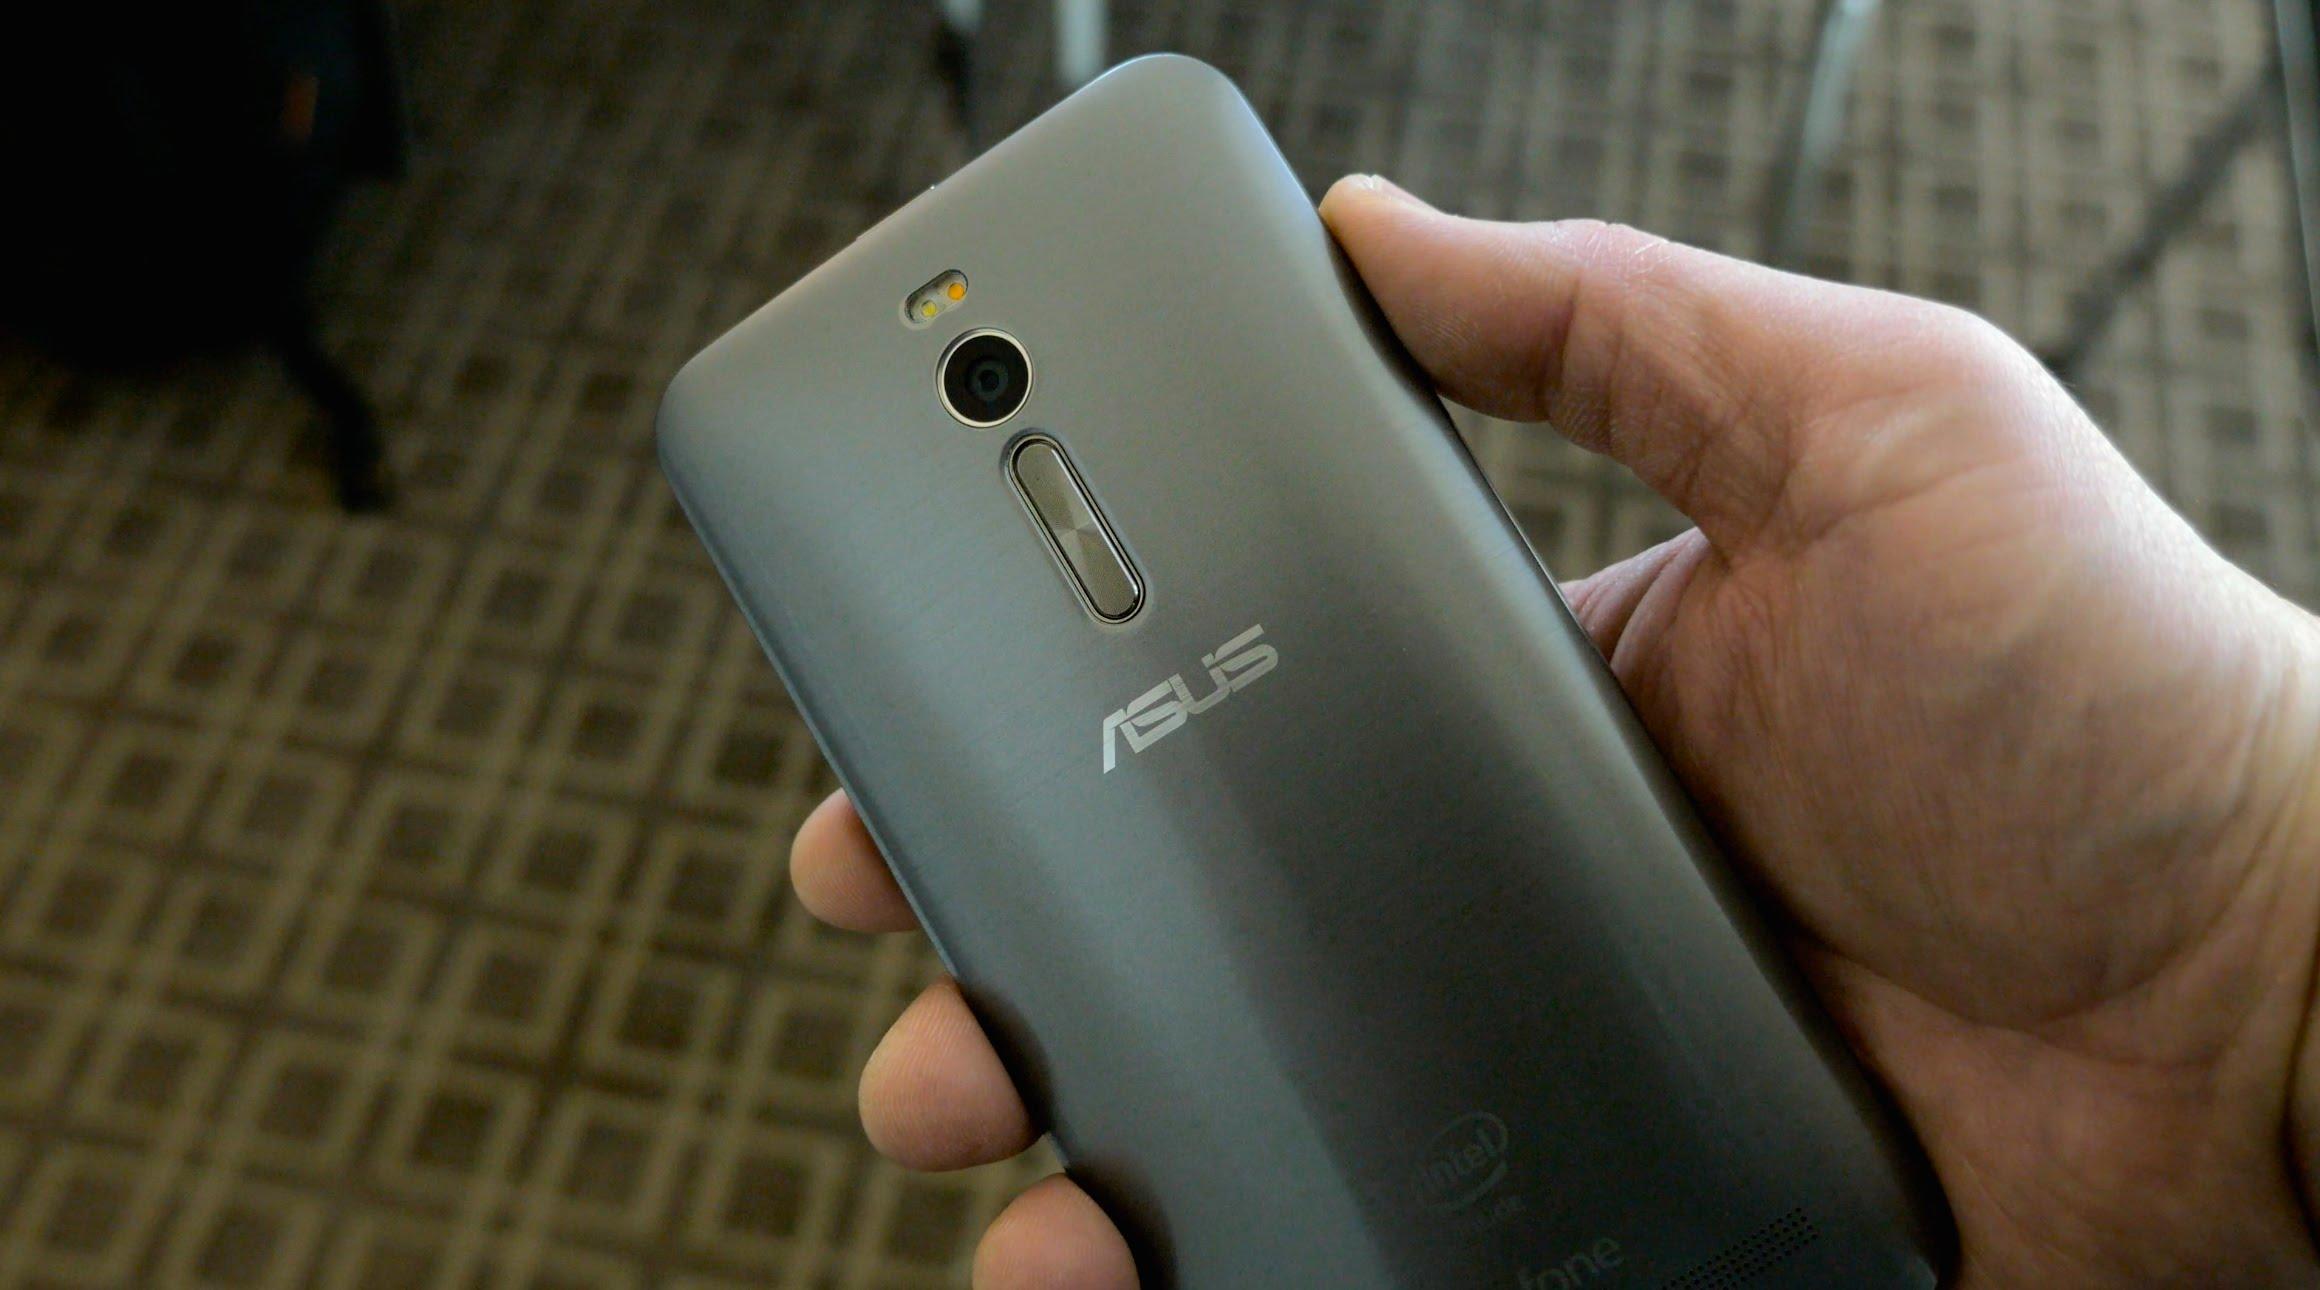 Zenfone 2 cuenta con un diseño similar al LG G4